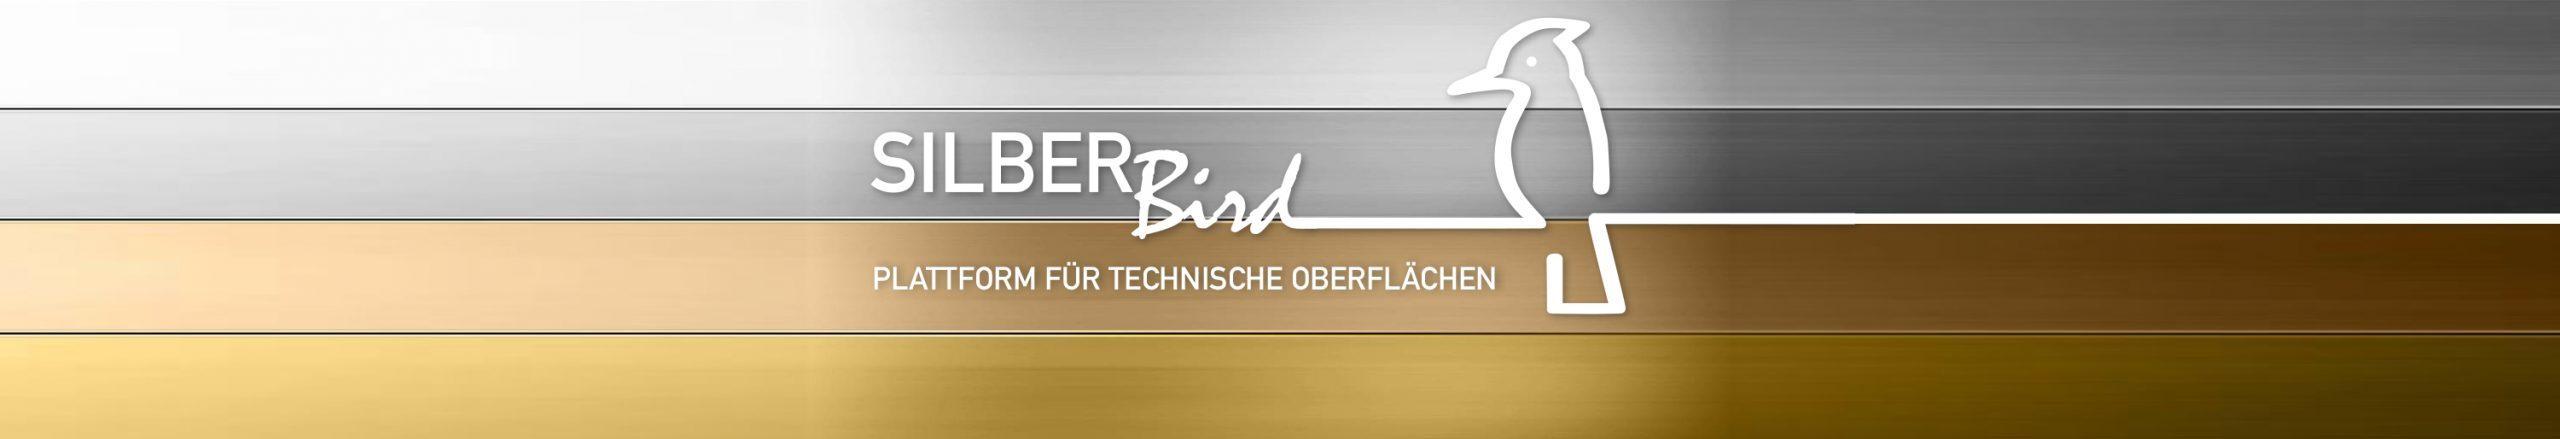 Silberbird